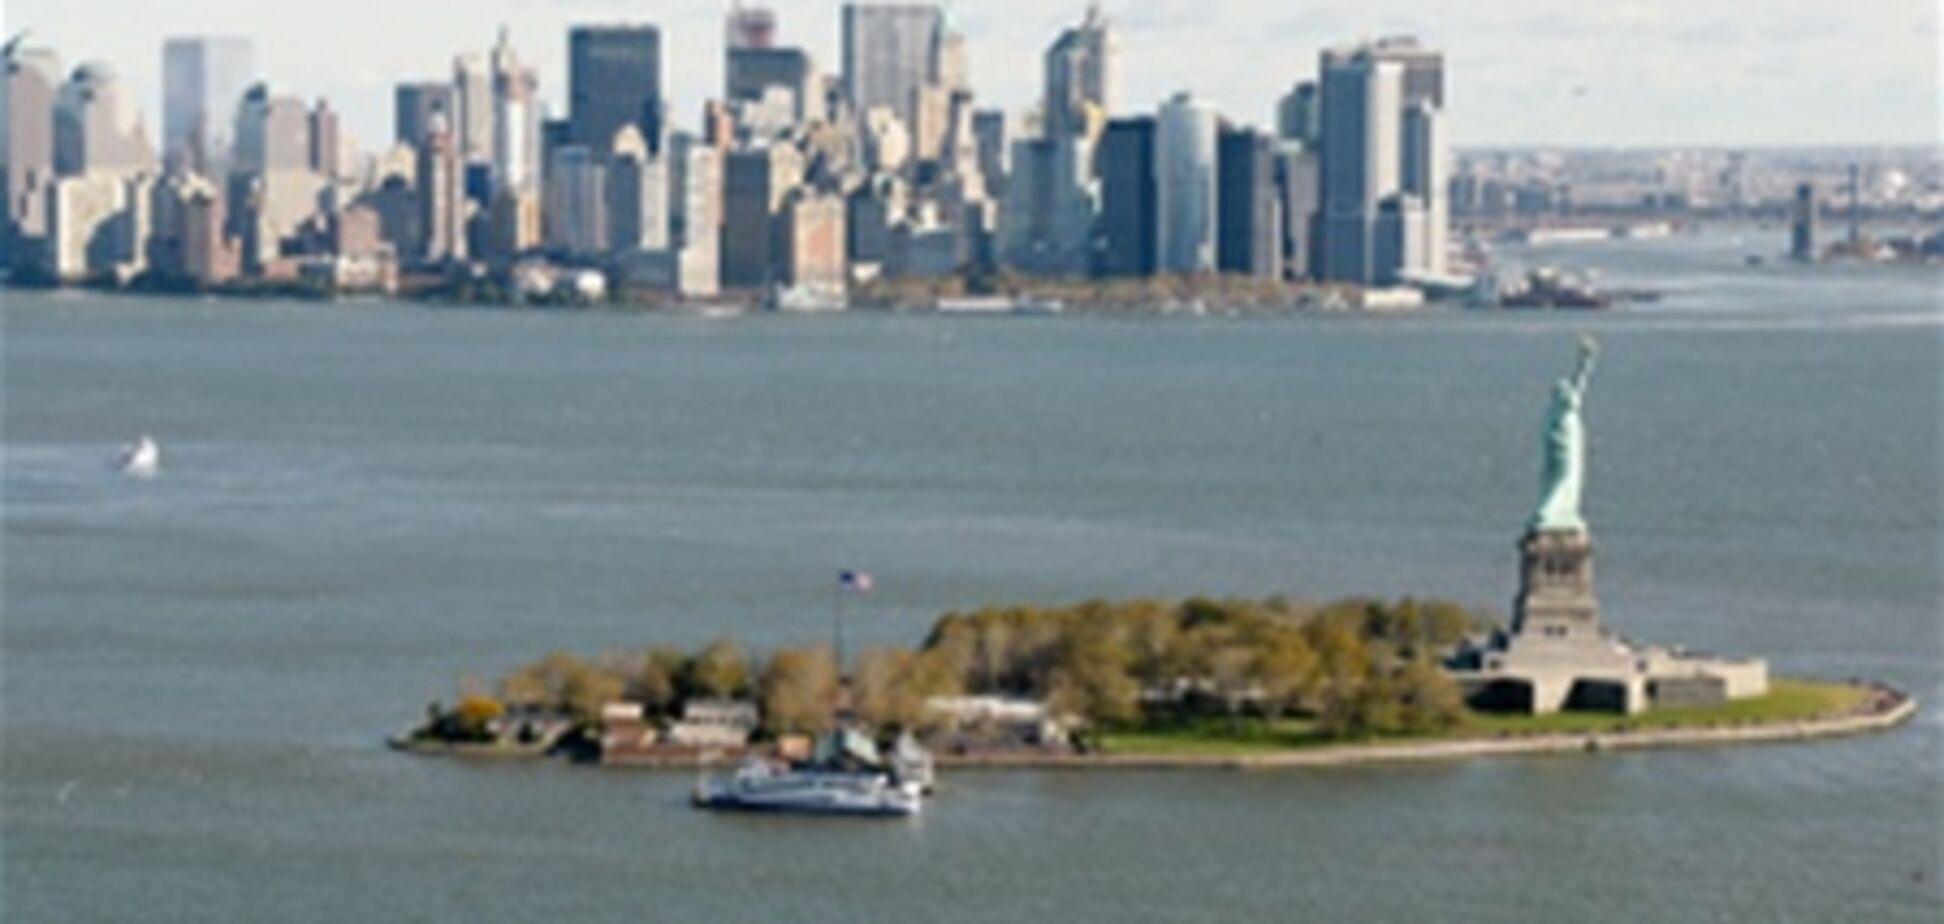 Овчарка решила спастись от жары в Нью-Йорке, уплыв в океан